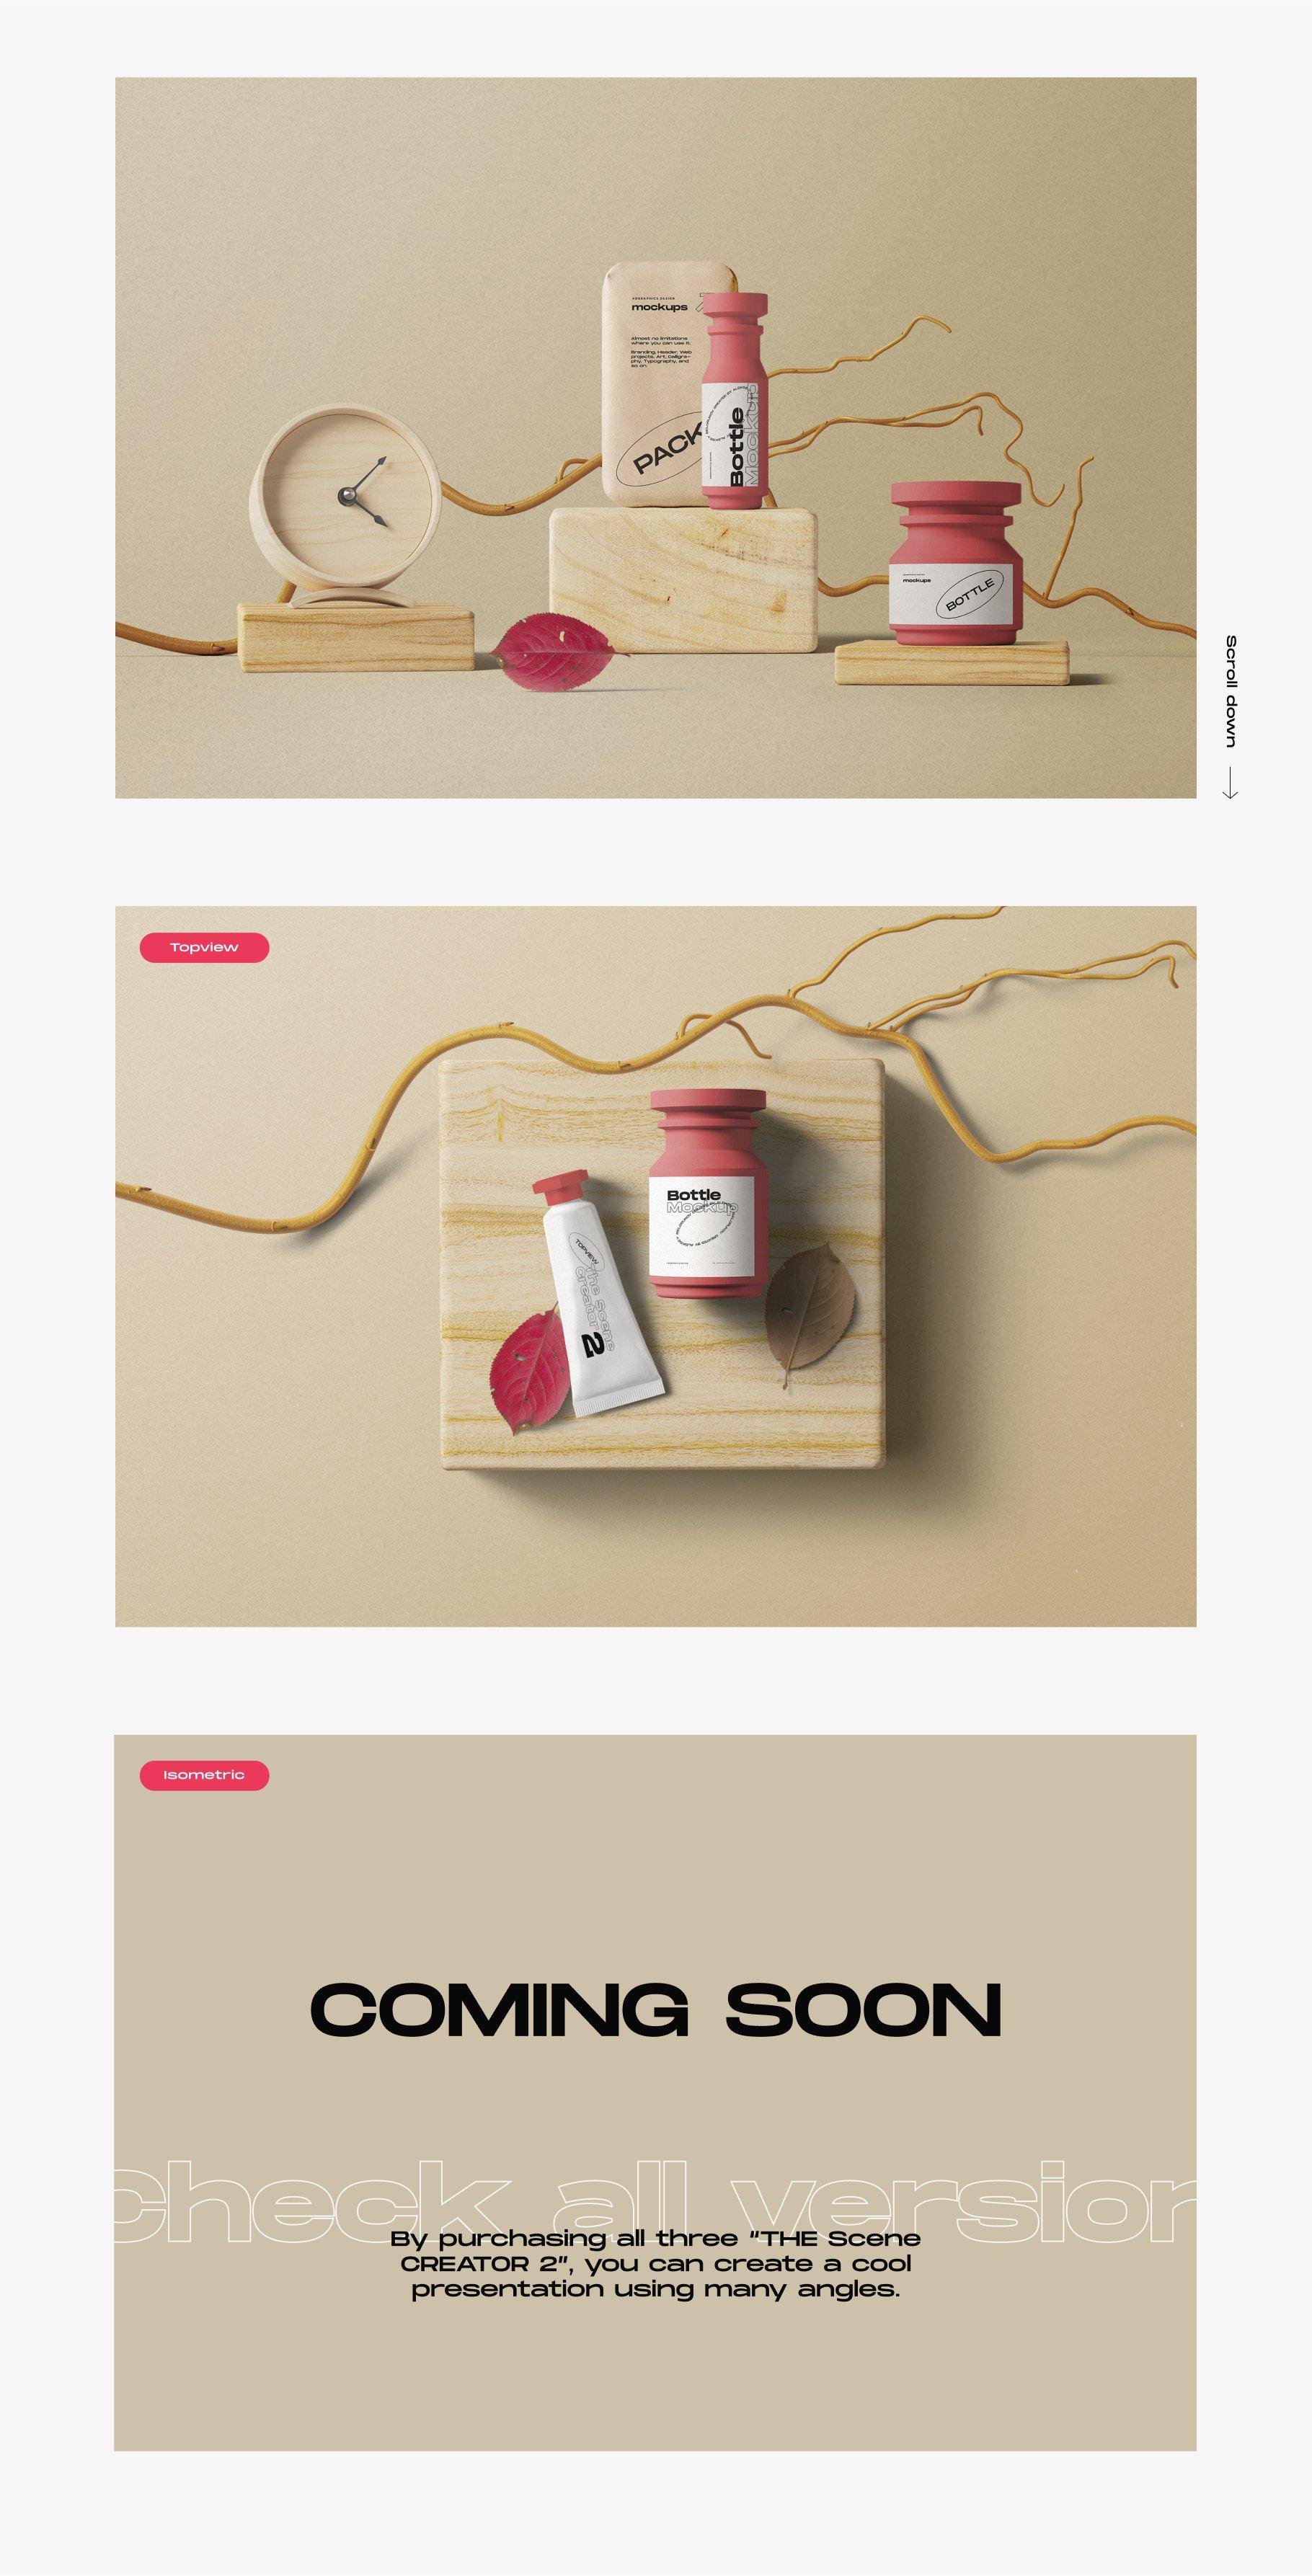 [淘宝购买] 超大品牌VI包装设计PS智能贴图样机模板素材 The Scene Creator 2 / Frontview插图(1)